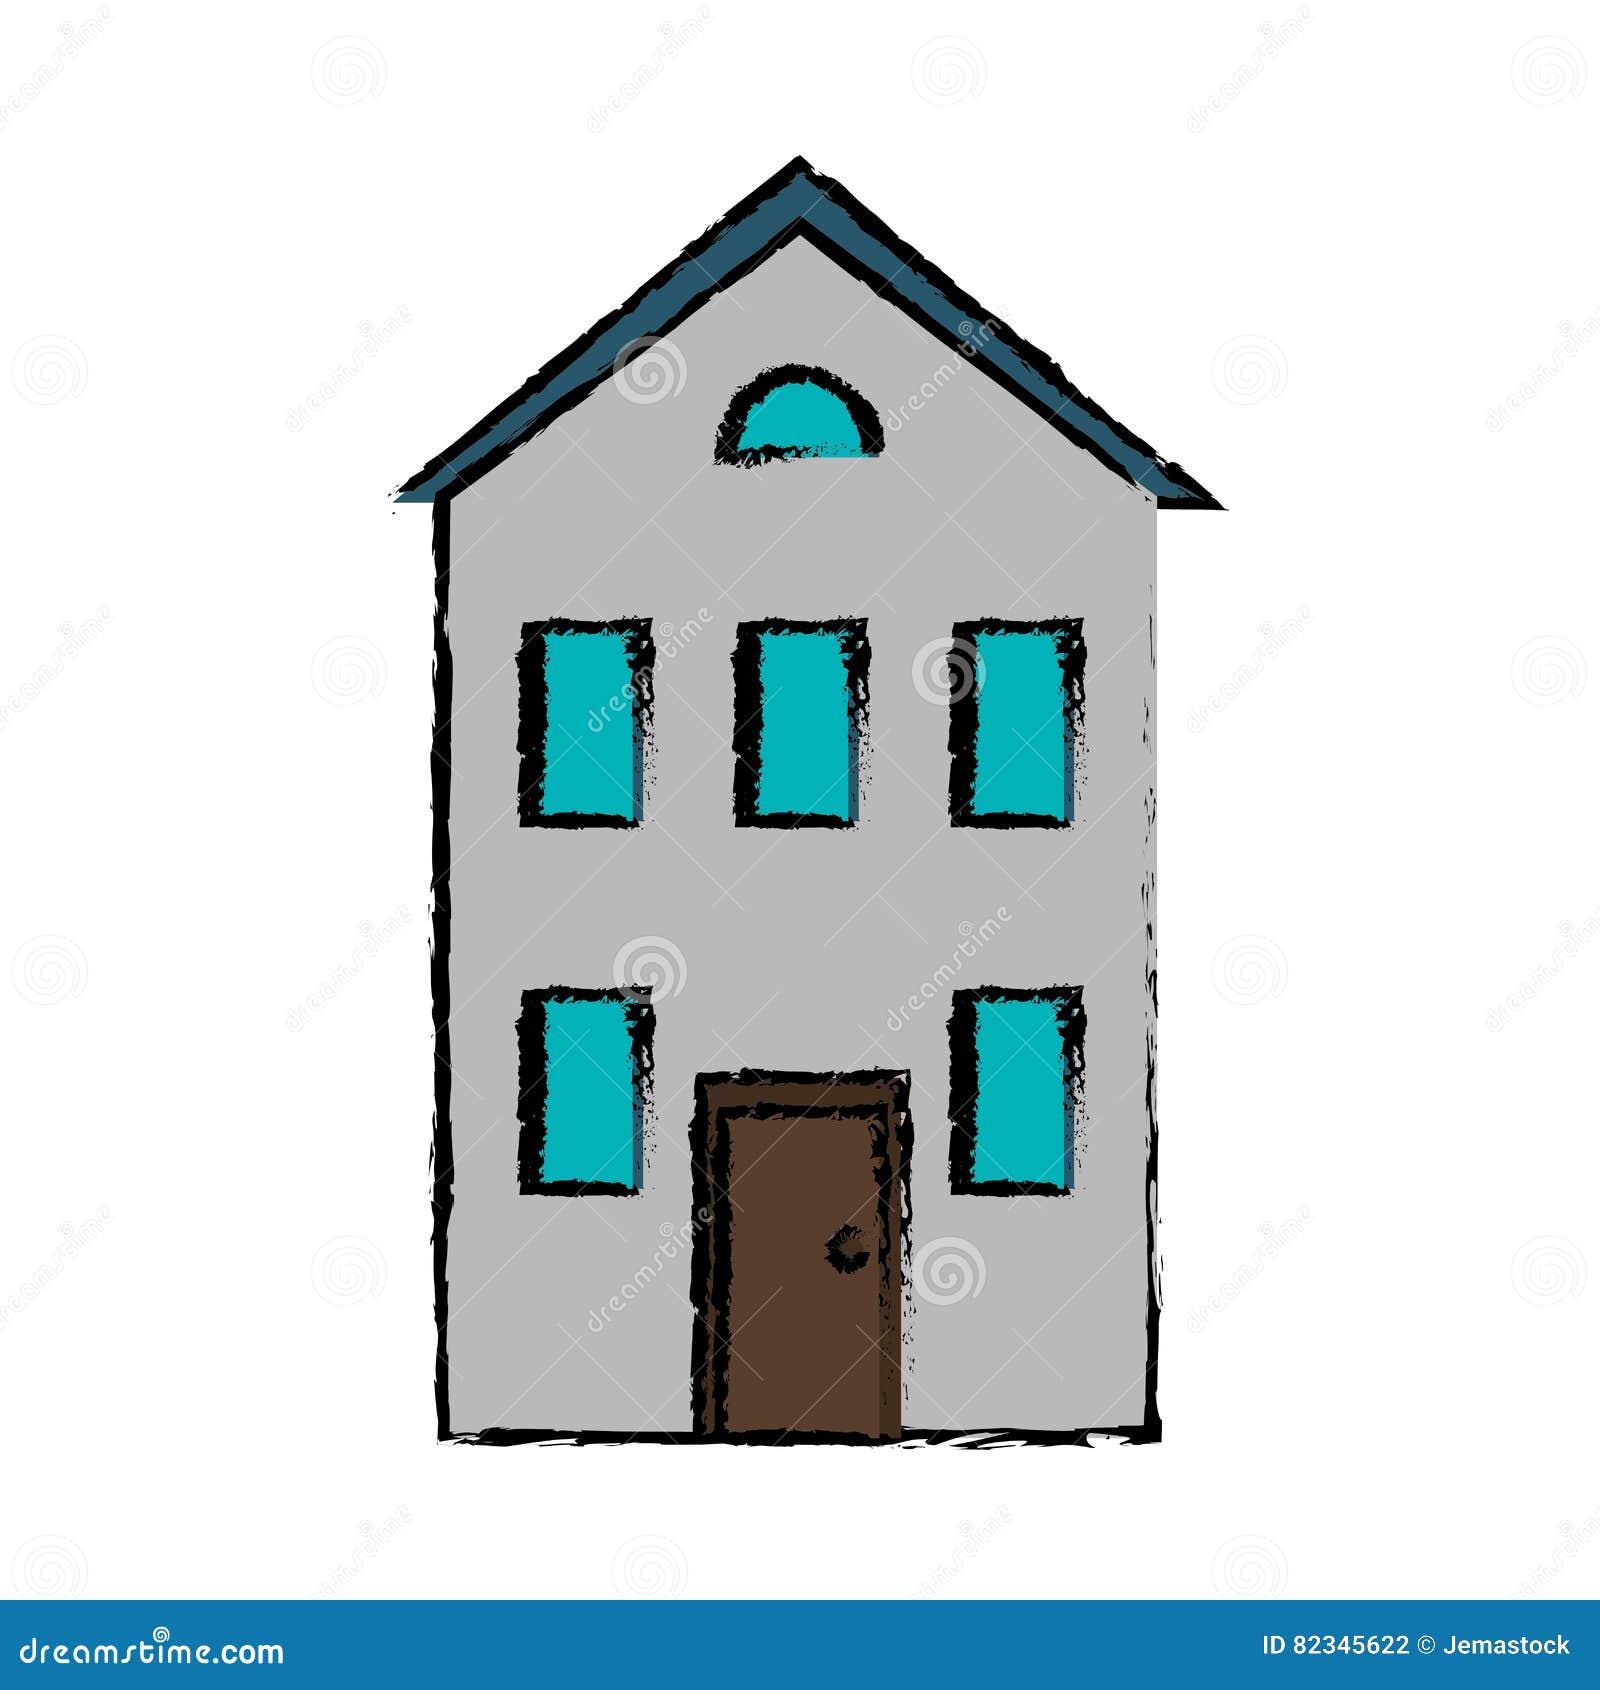 casa de dibujo de los bienes inmuebles de dos pisos ilustración ... - Bienes Inmuebles Dibujos